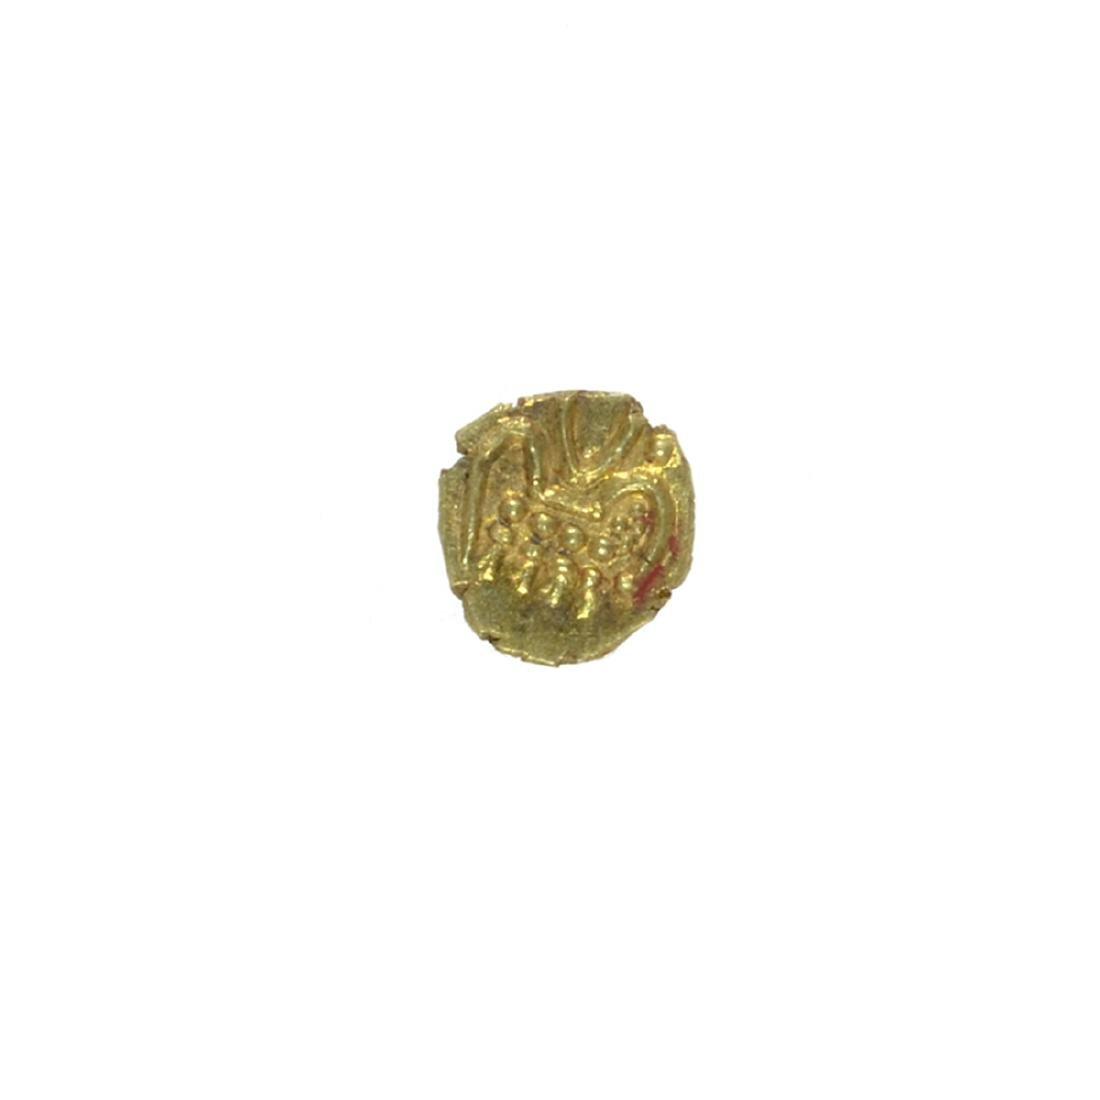 Rare India Gold Fangn Circa 1700's - 1800's Coin